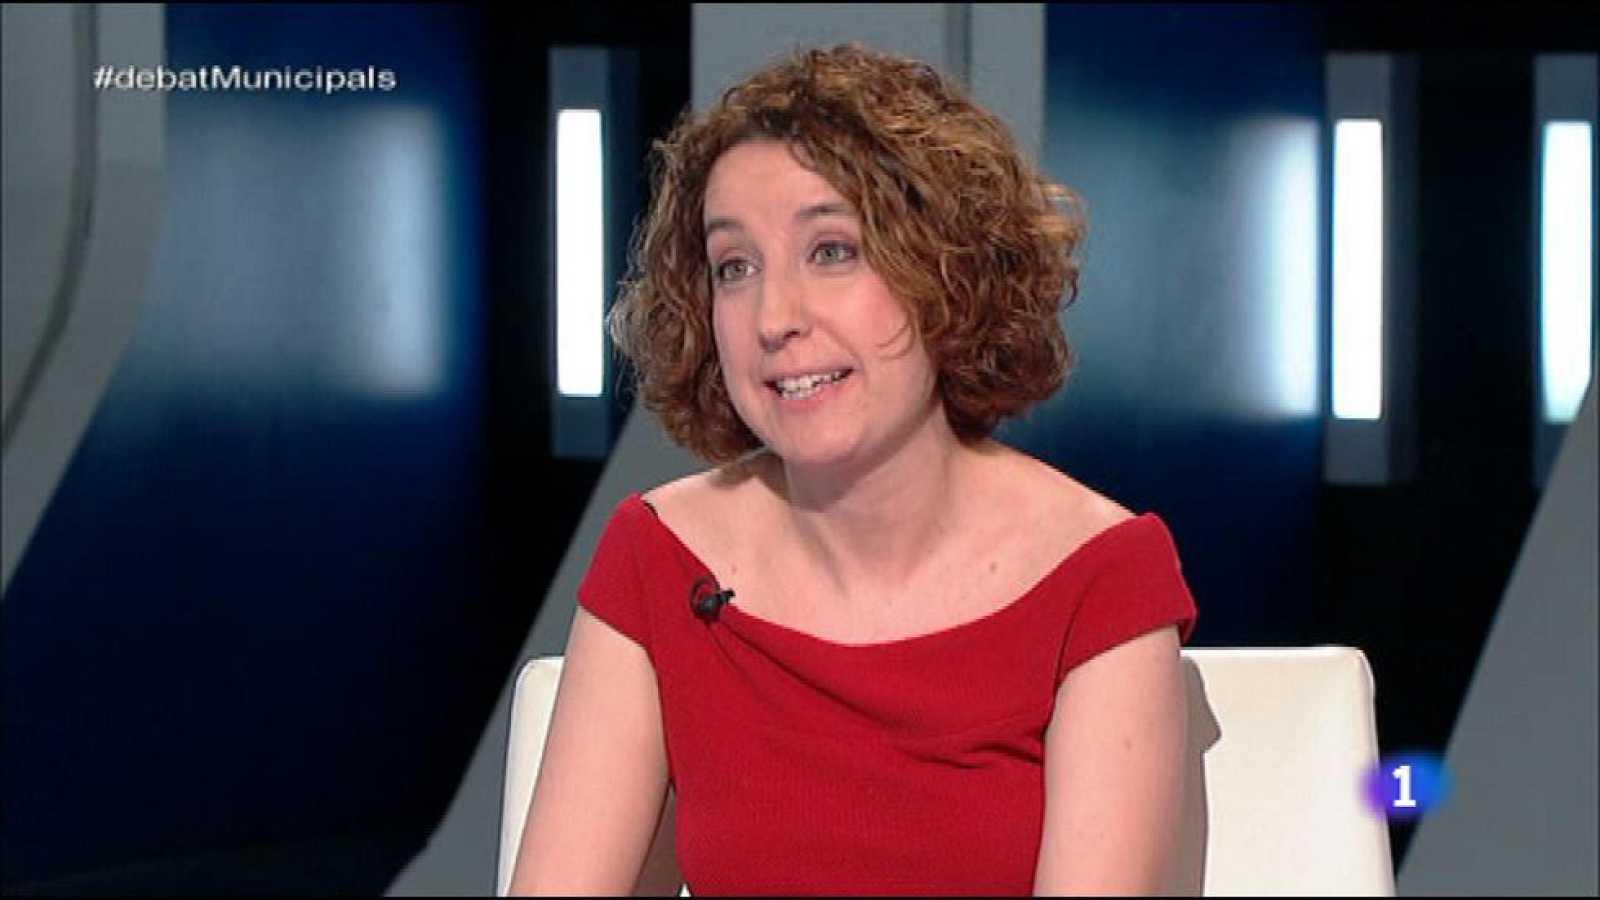 El Debat de La 1 - Entrevista a Aurora Corral